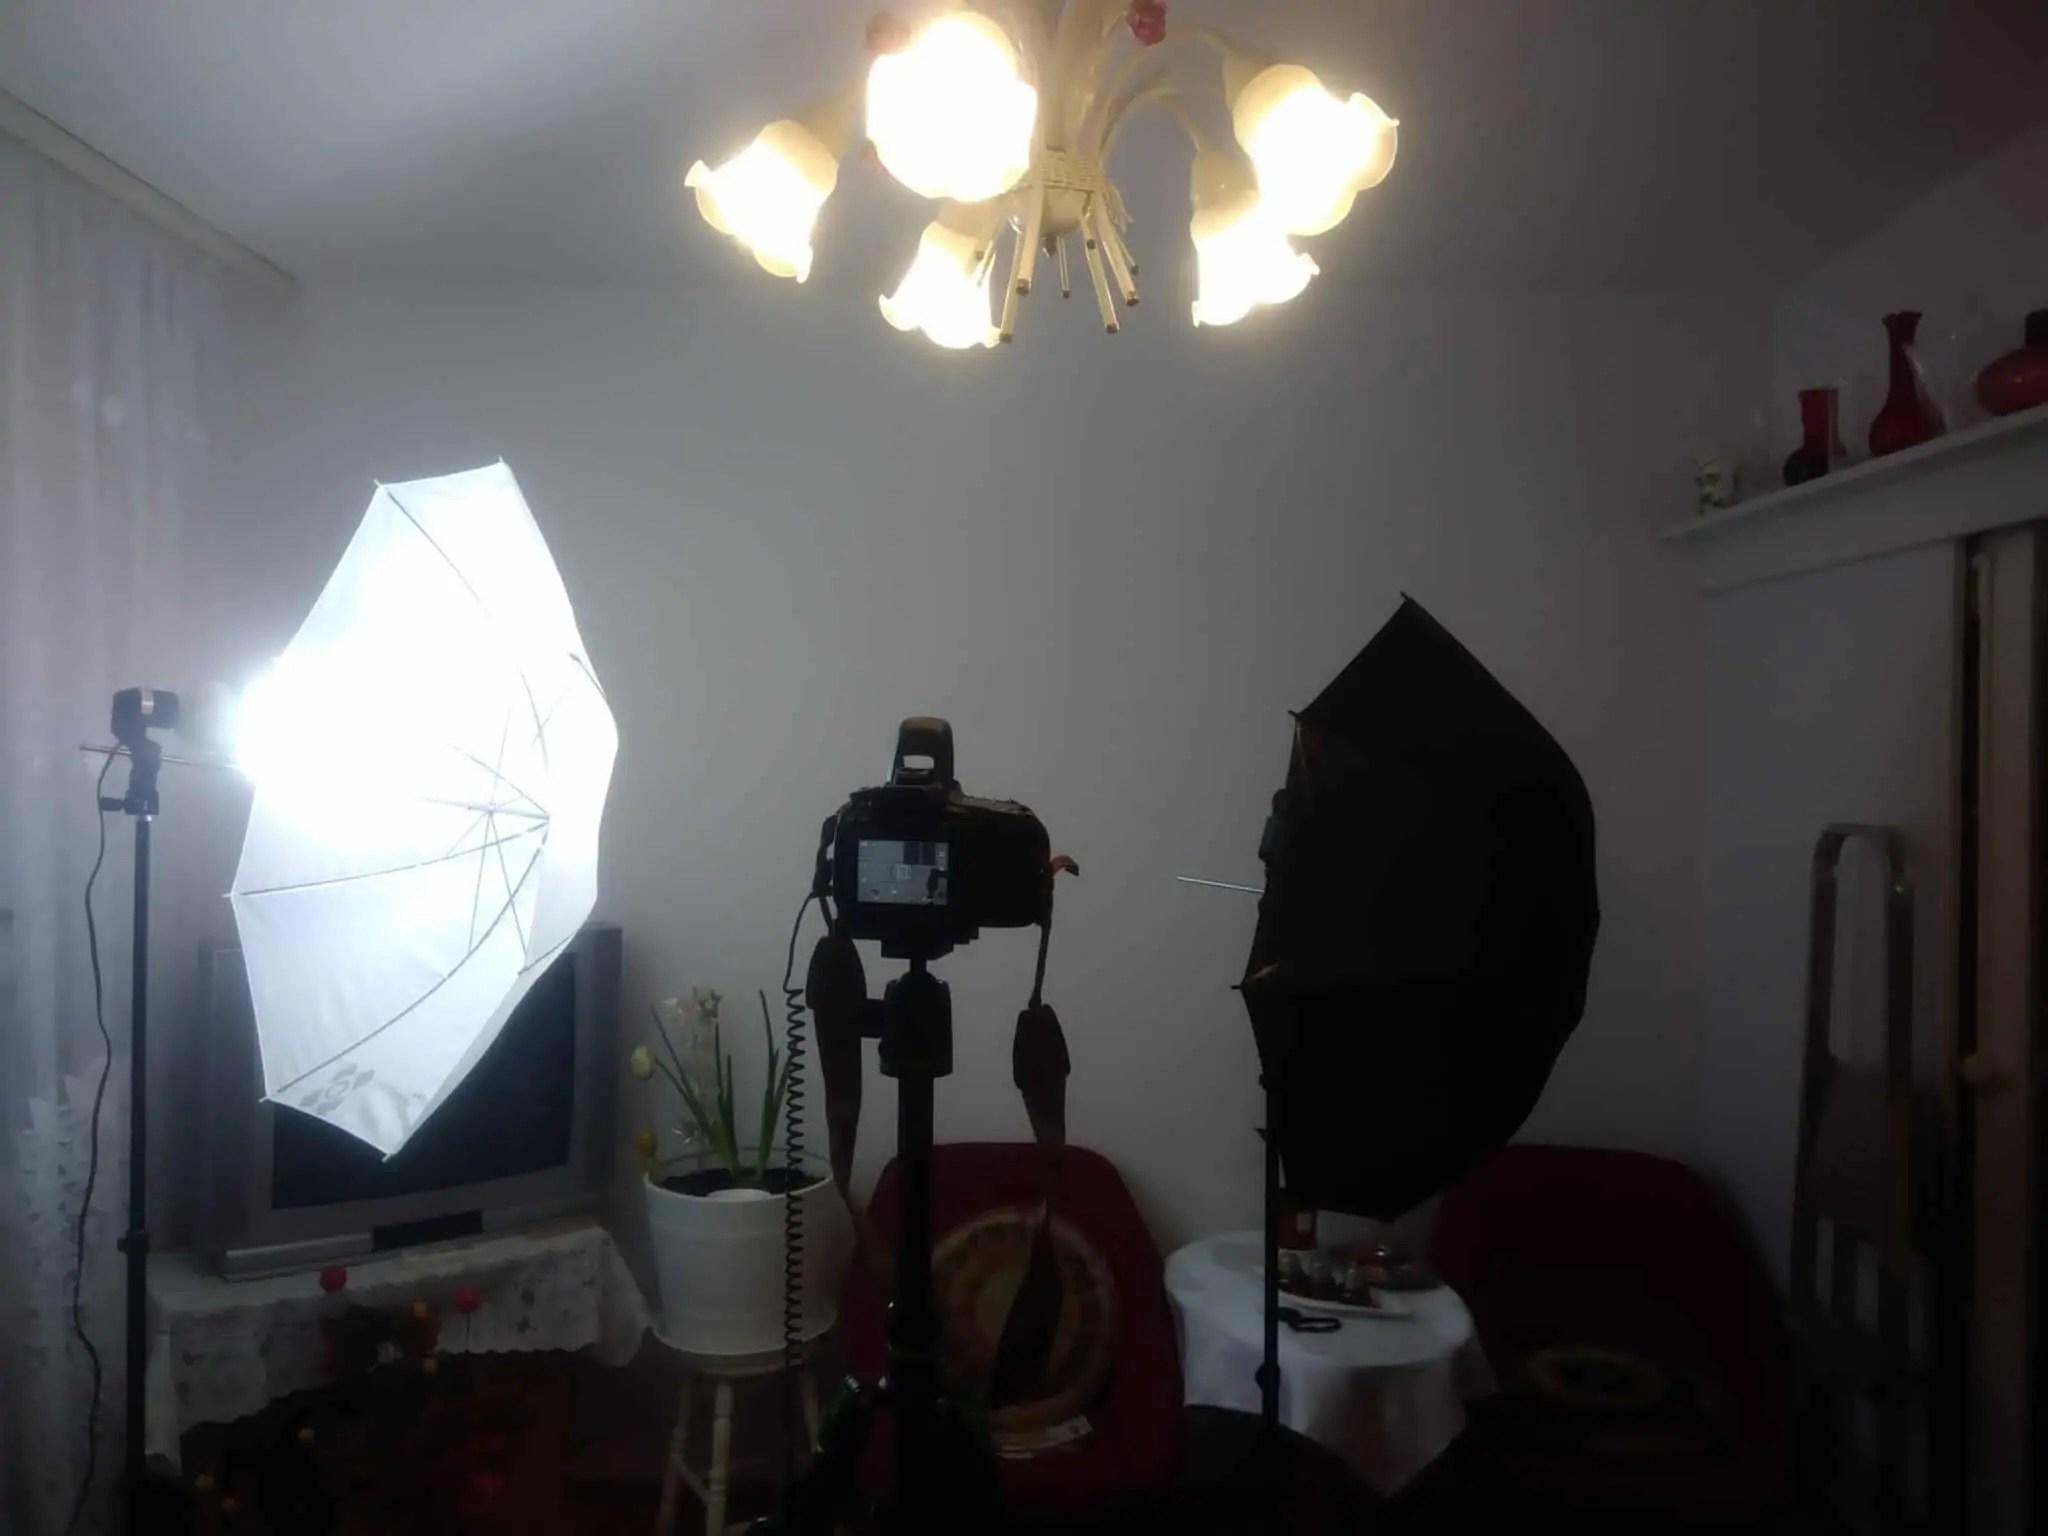 P 20200123 153743 scaled - Jasna fotografia produktowa typu high key 7 kroków